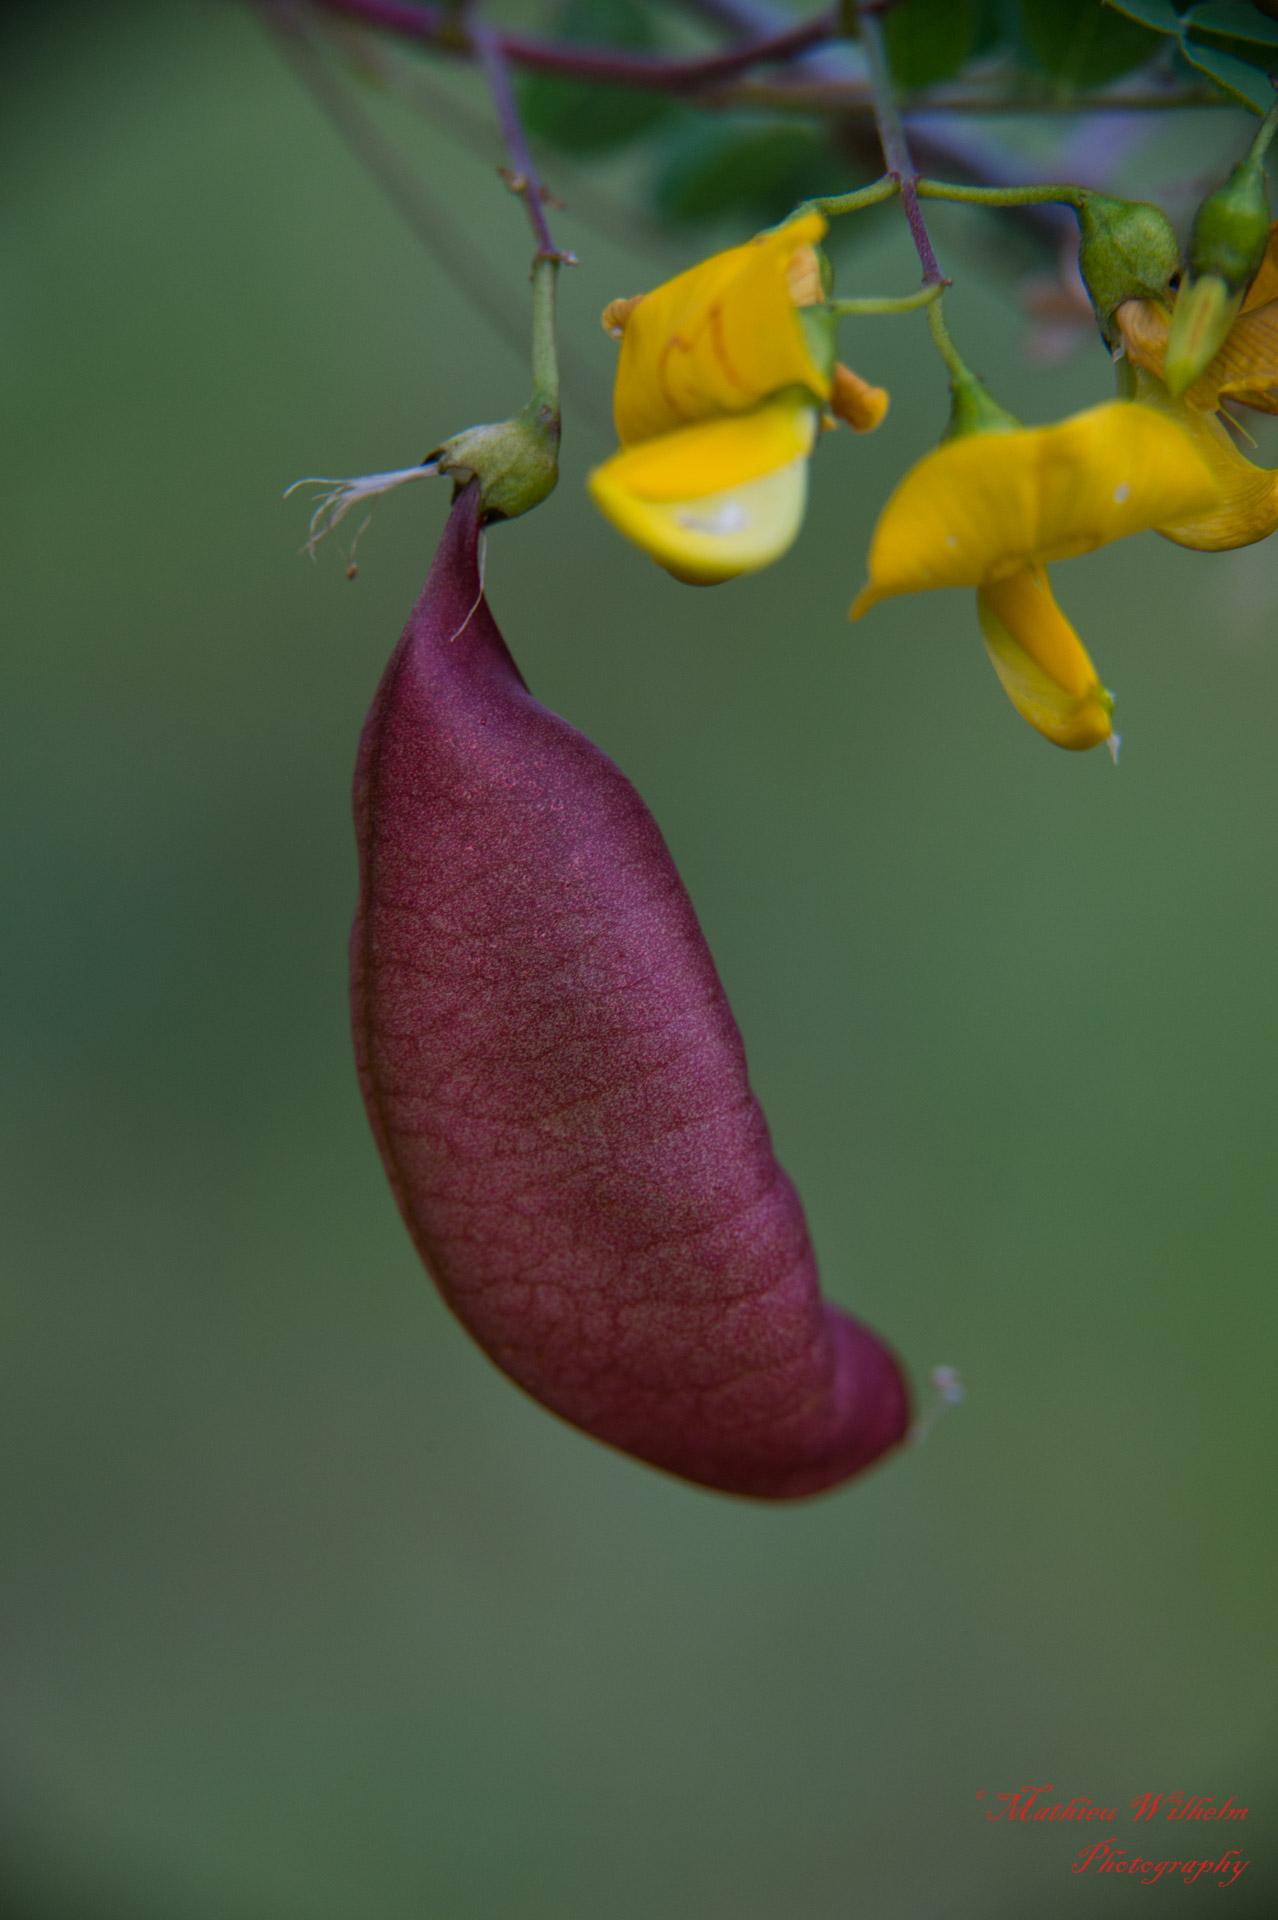 2018-05-30 orchidé bollenberg (17)